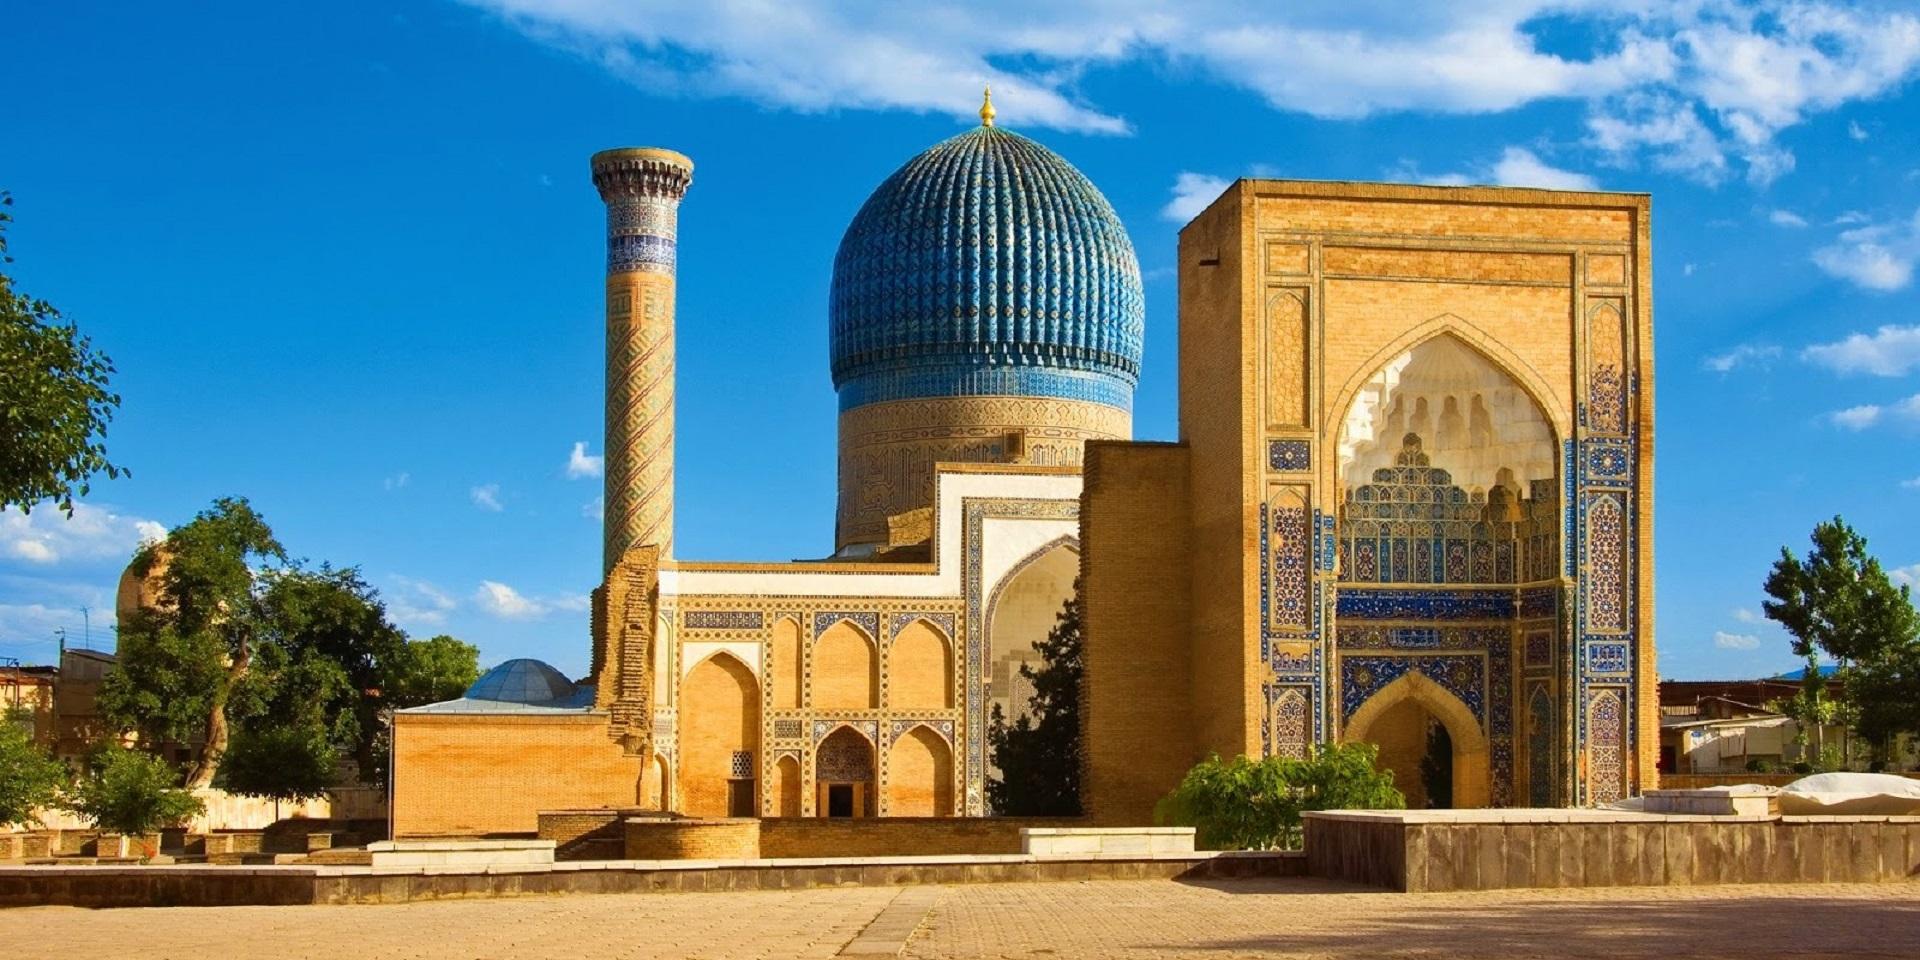 Центральная Азия: Узбекистан - Киргизия - Казахстан